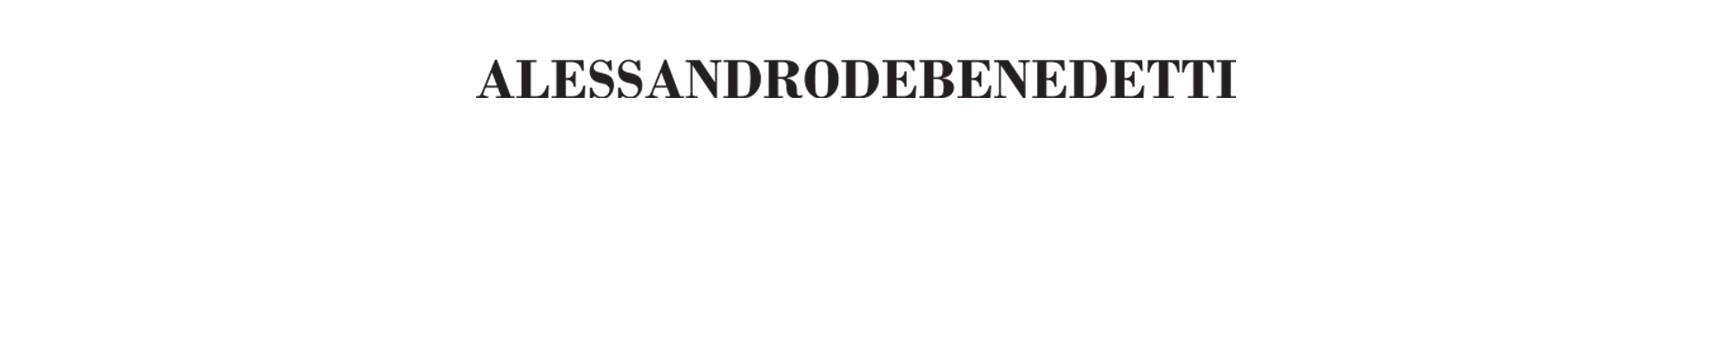 Alessandro De Benedetti | Collezione Abiti da Donna| AGEMINA Boutique